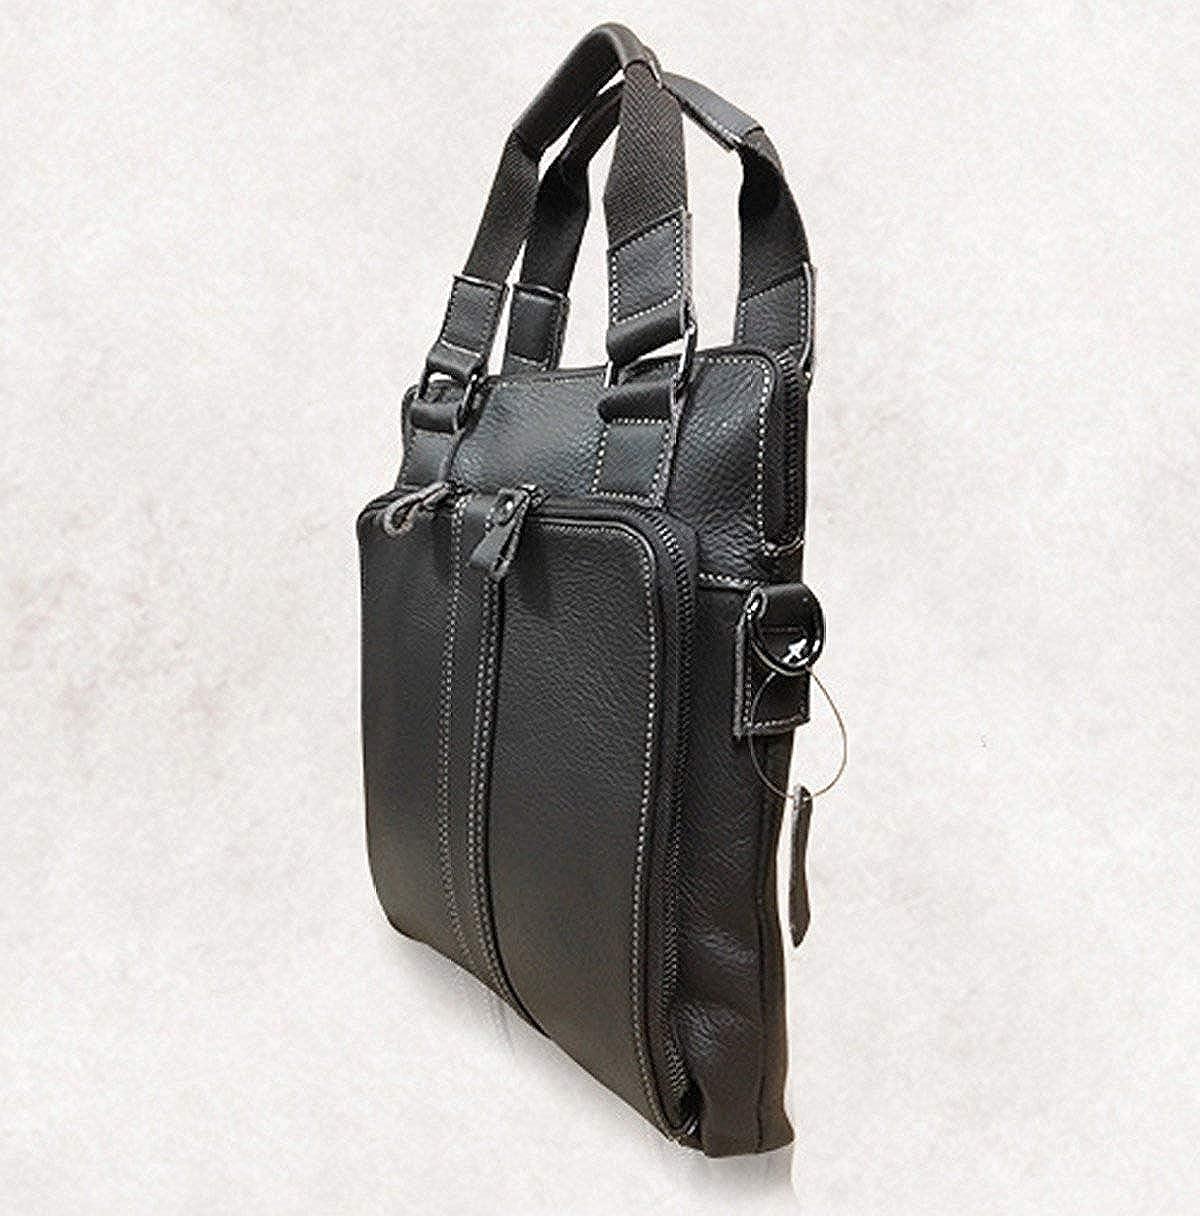 FYH Men Fashion Essential Quality Composite Leather Business Casual Bag Square Bag Black Handbag